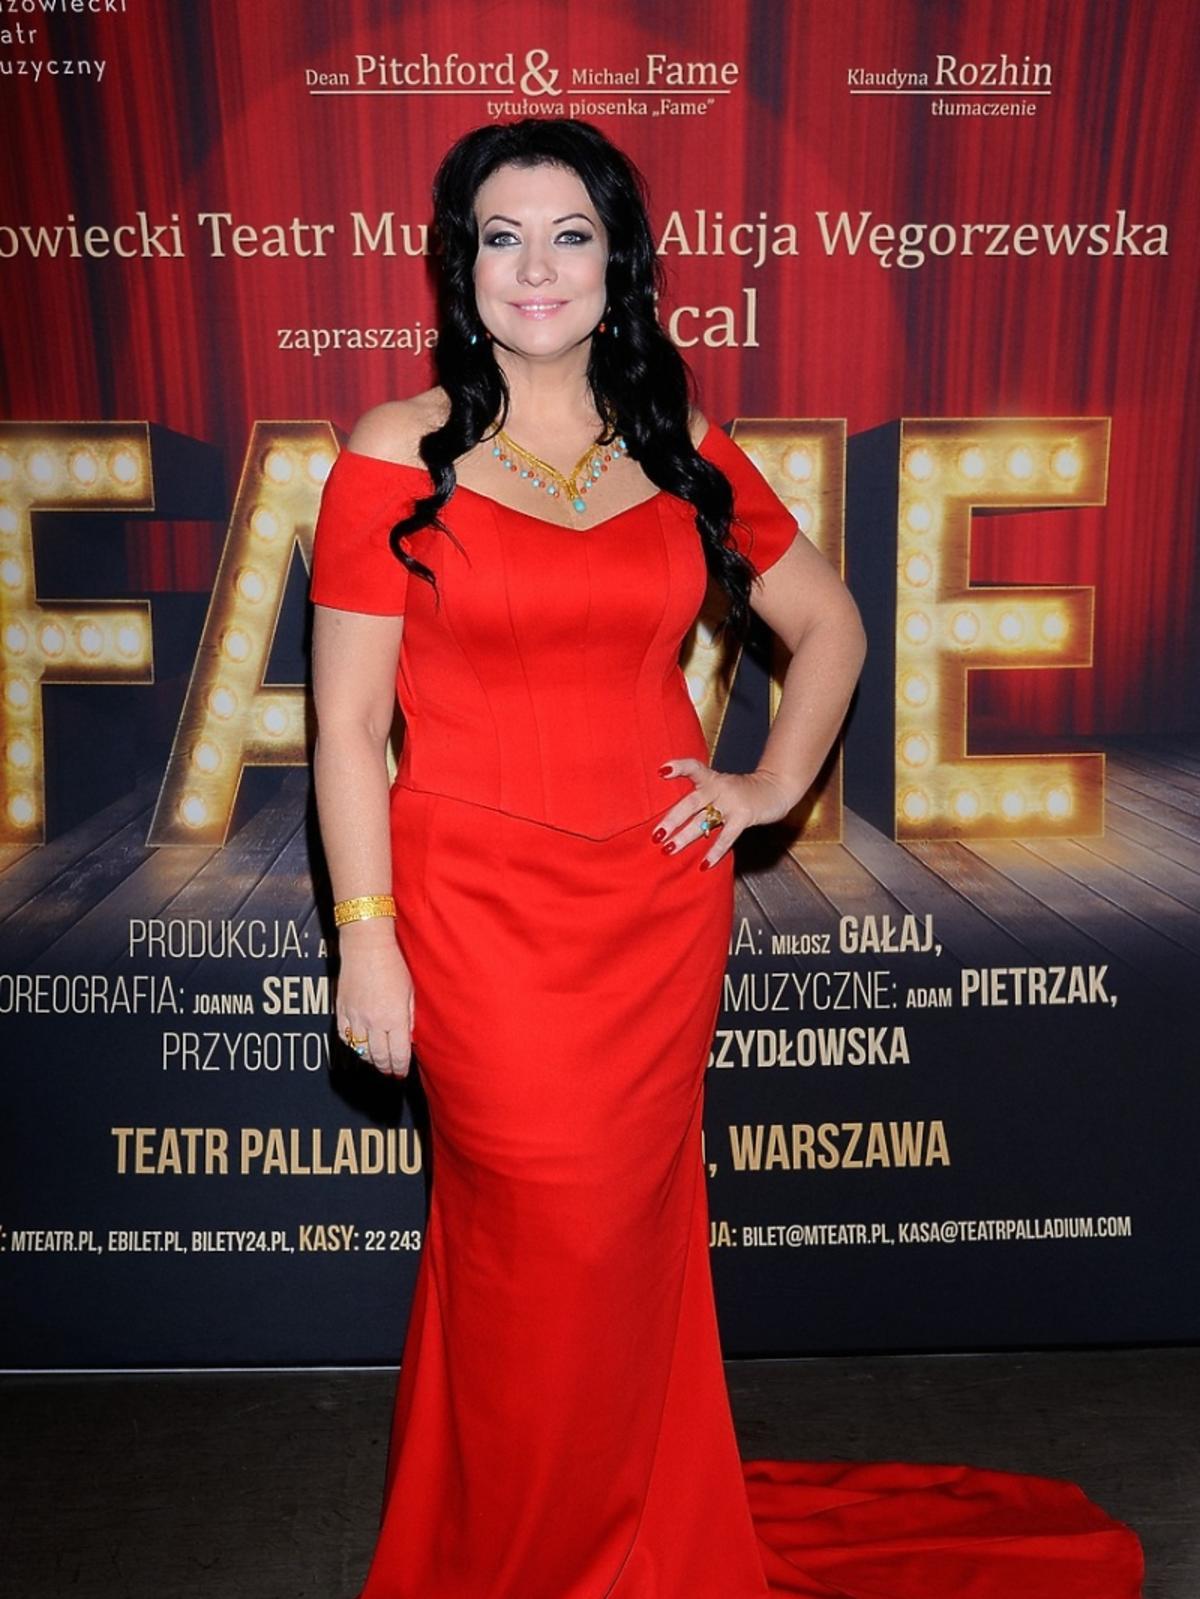 Alicja Węgorzewska w czerwonej sukni